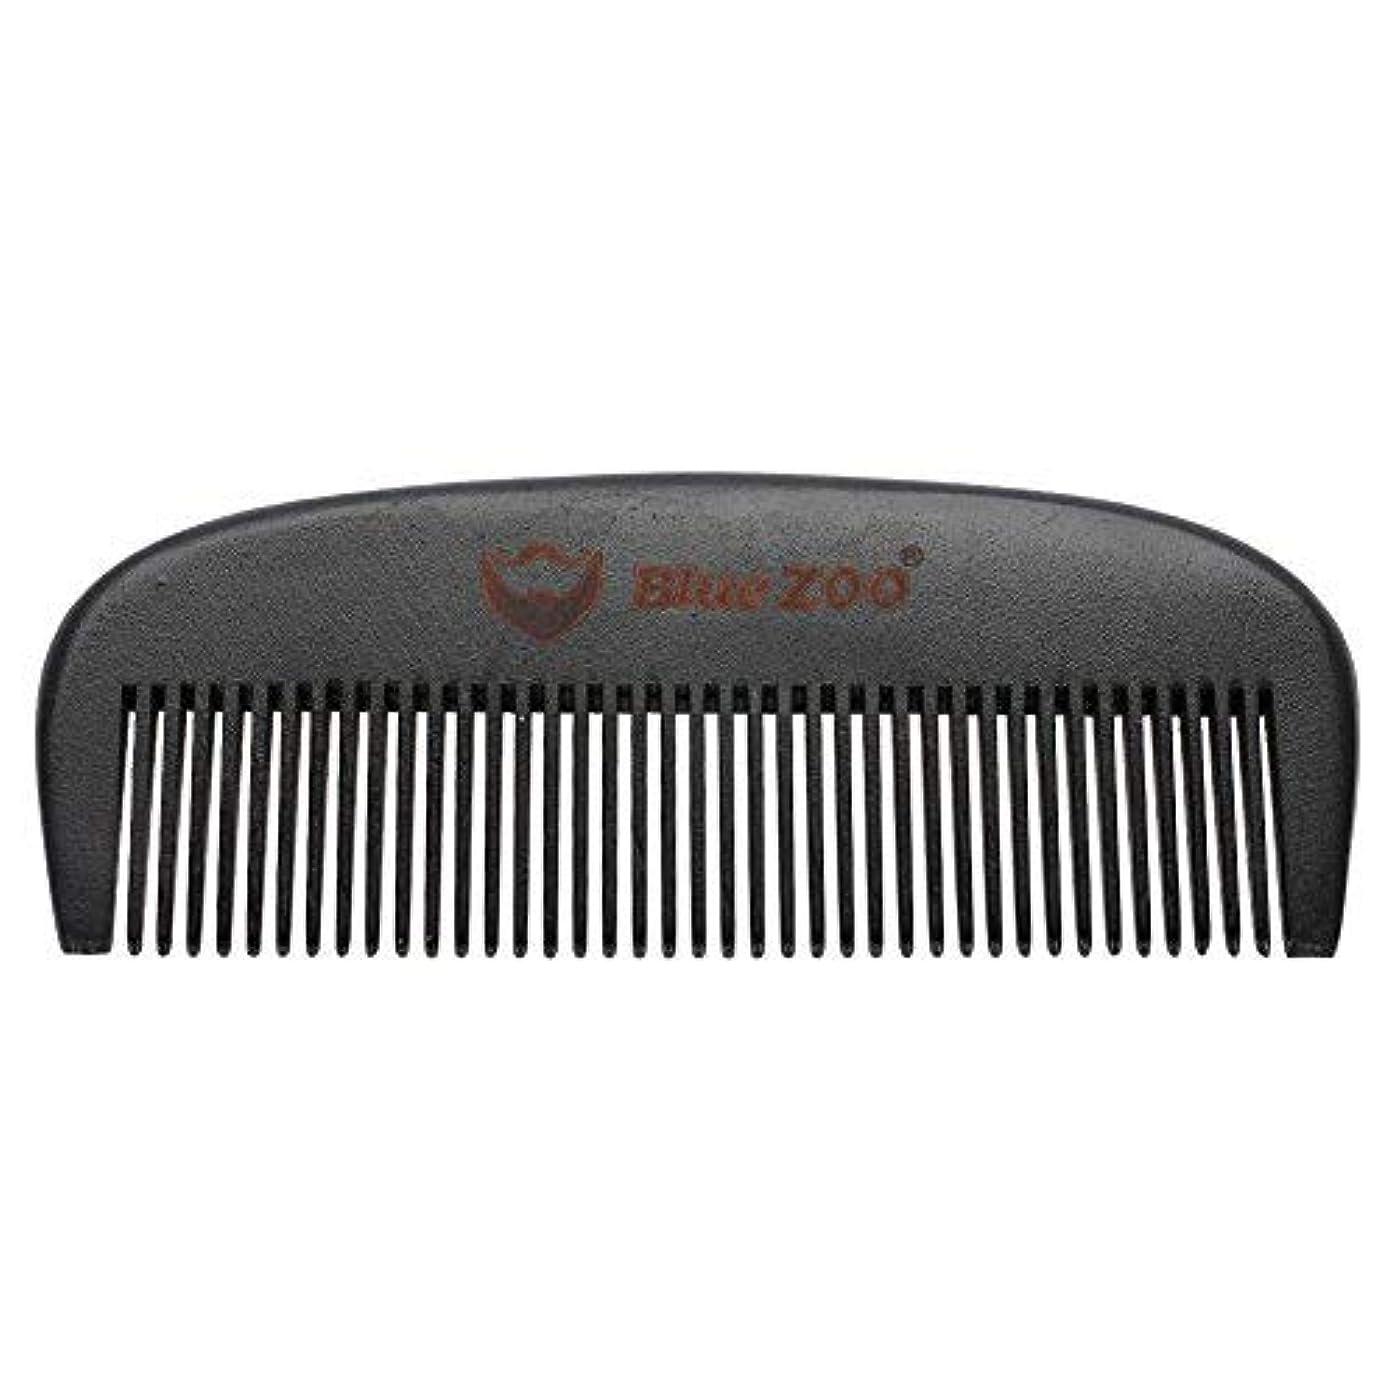 呼び出す誠実アーカイブMens Beard Comb Natural Wooden Moustache Hair Health Care Combing Black Pear Wood Anti-static Fine Wide Tooth...